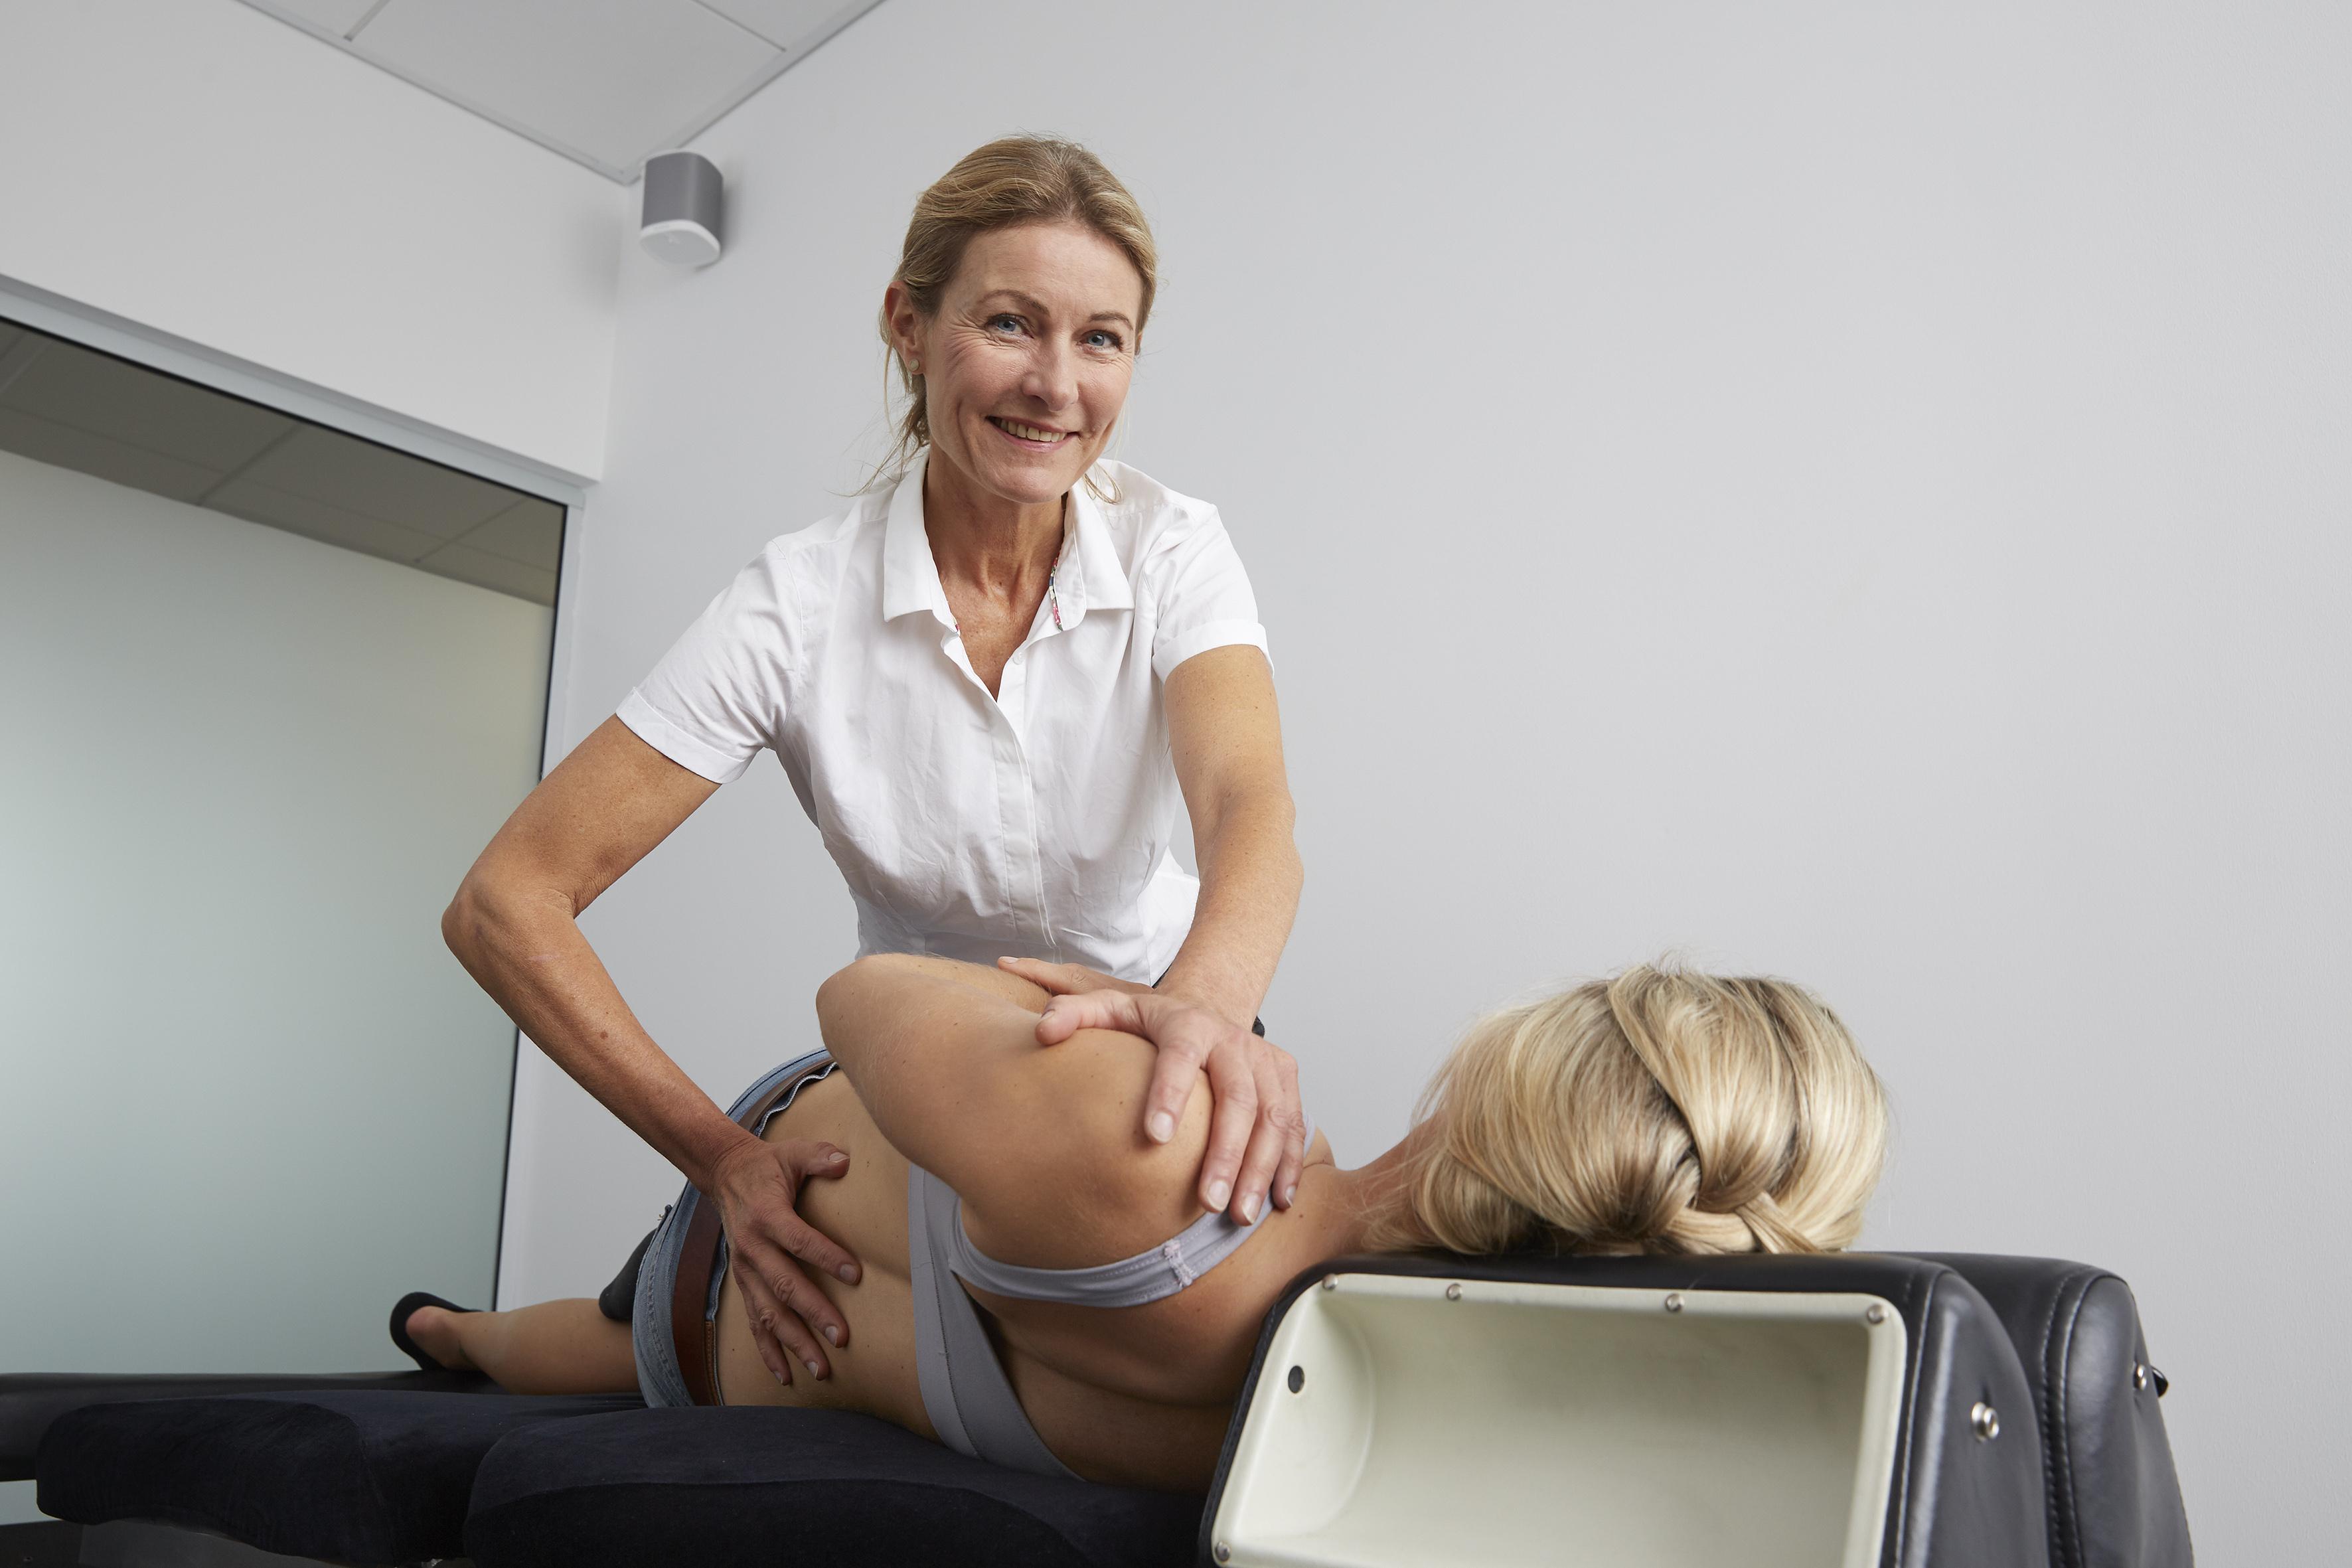 Priser på kiropraktor i Aarhus